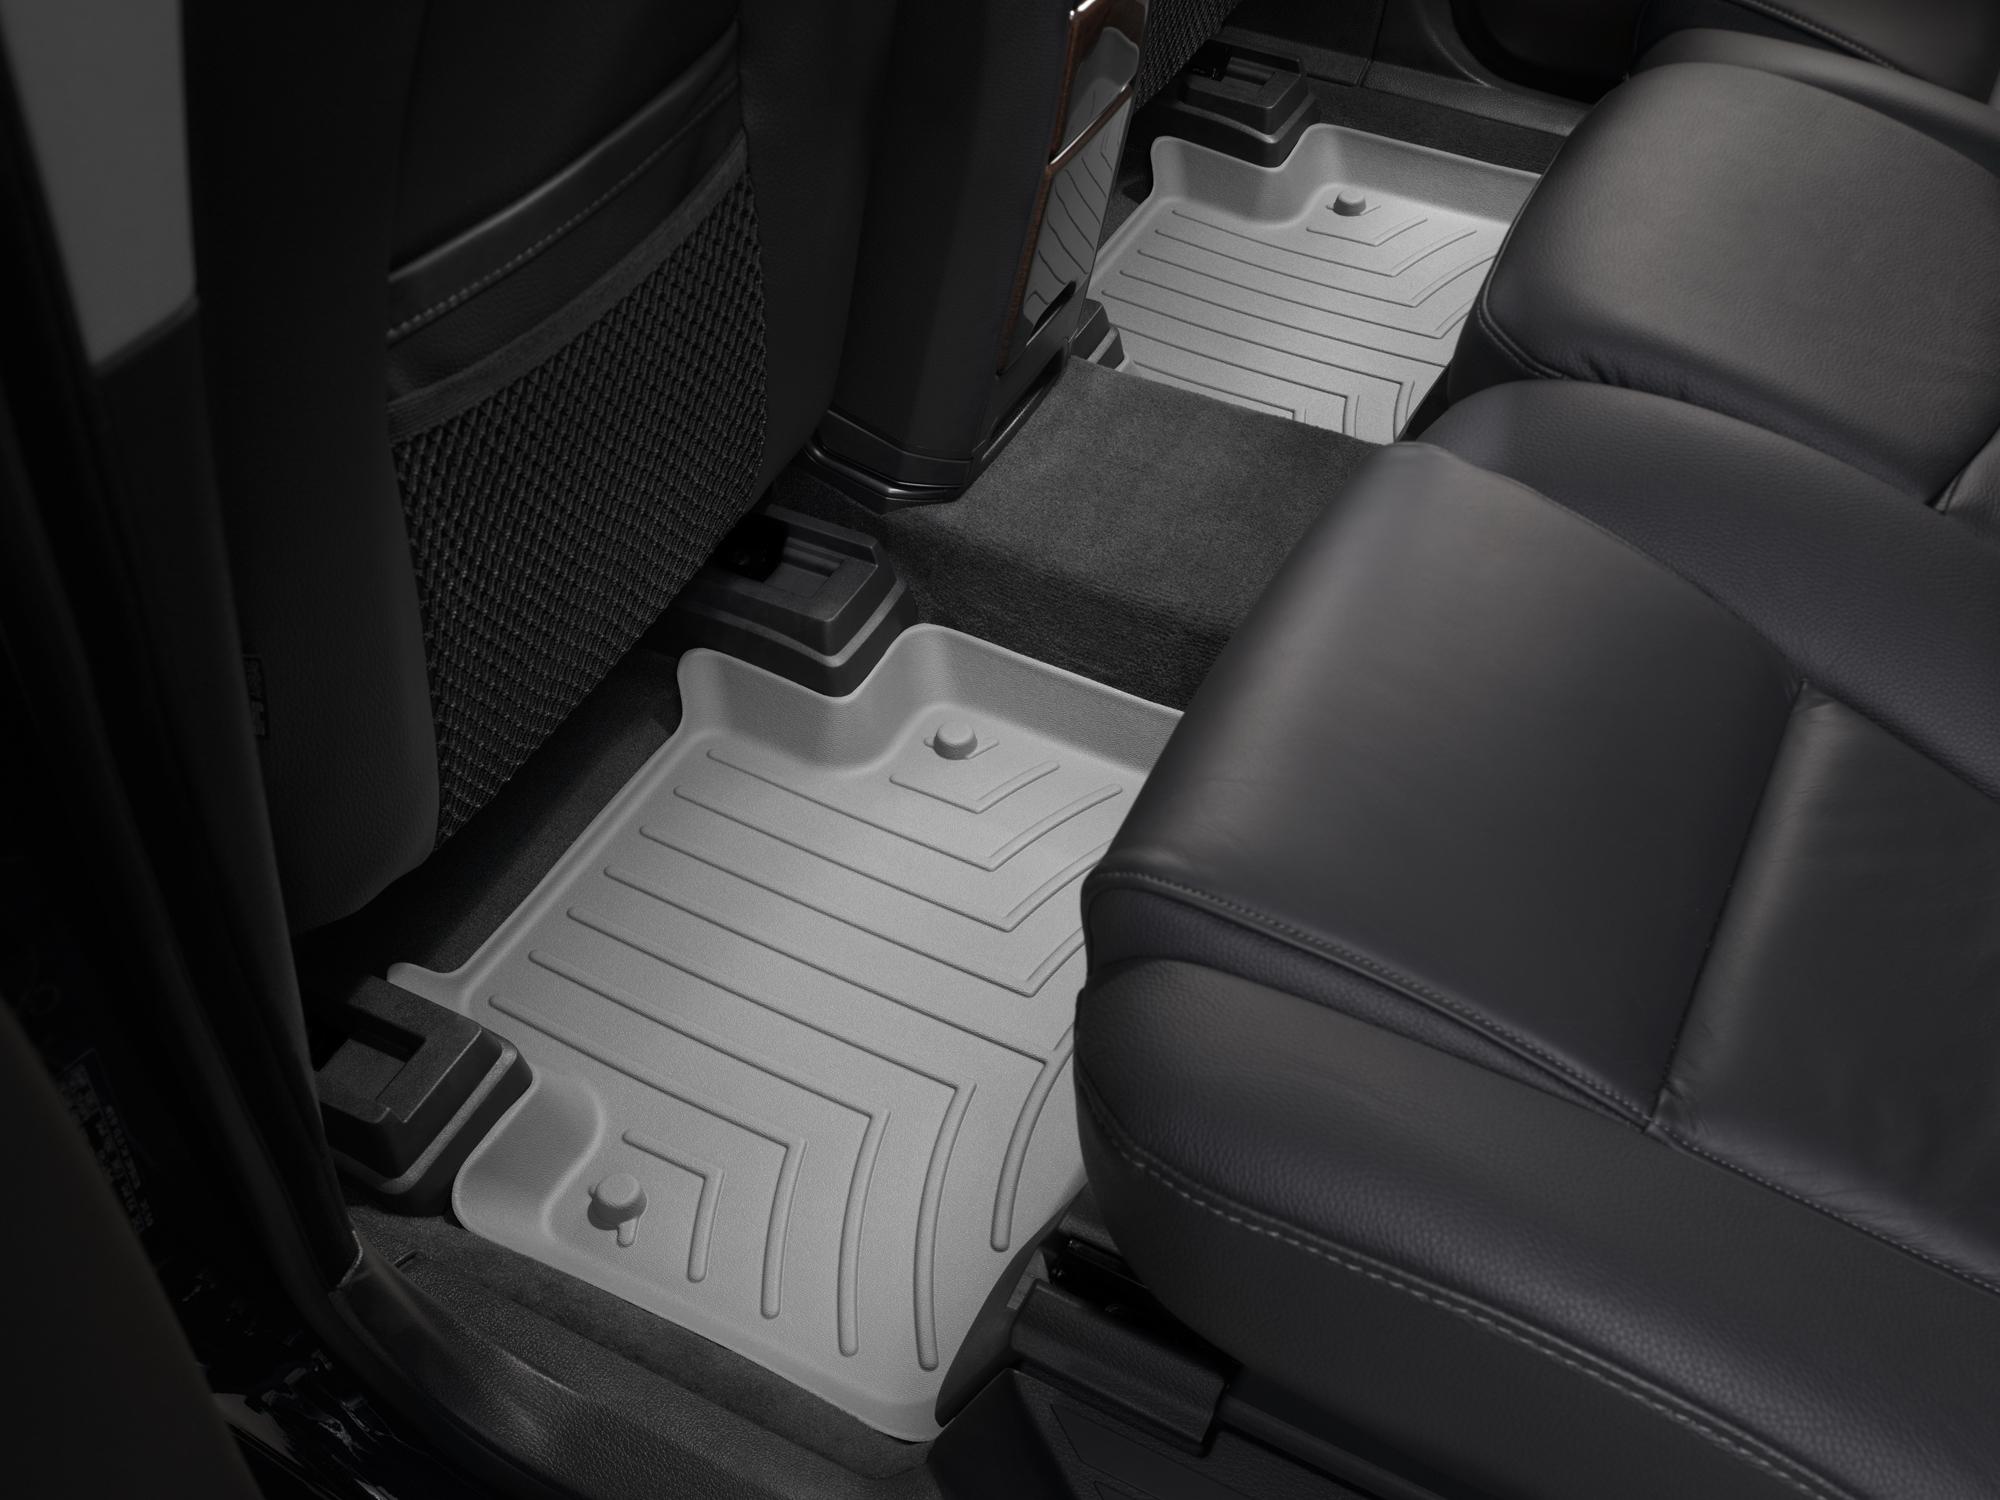 Tappeti gomma su misura bordo alto Volvo XC90 03>14 Grigio A4439*